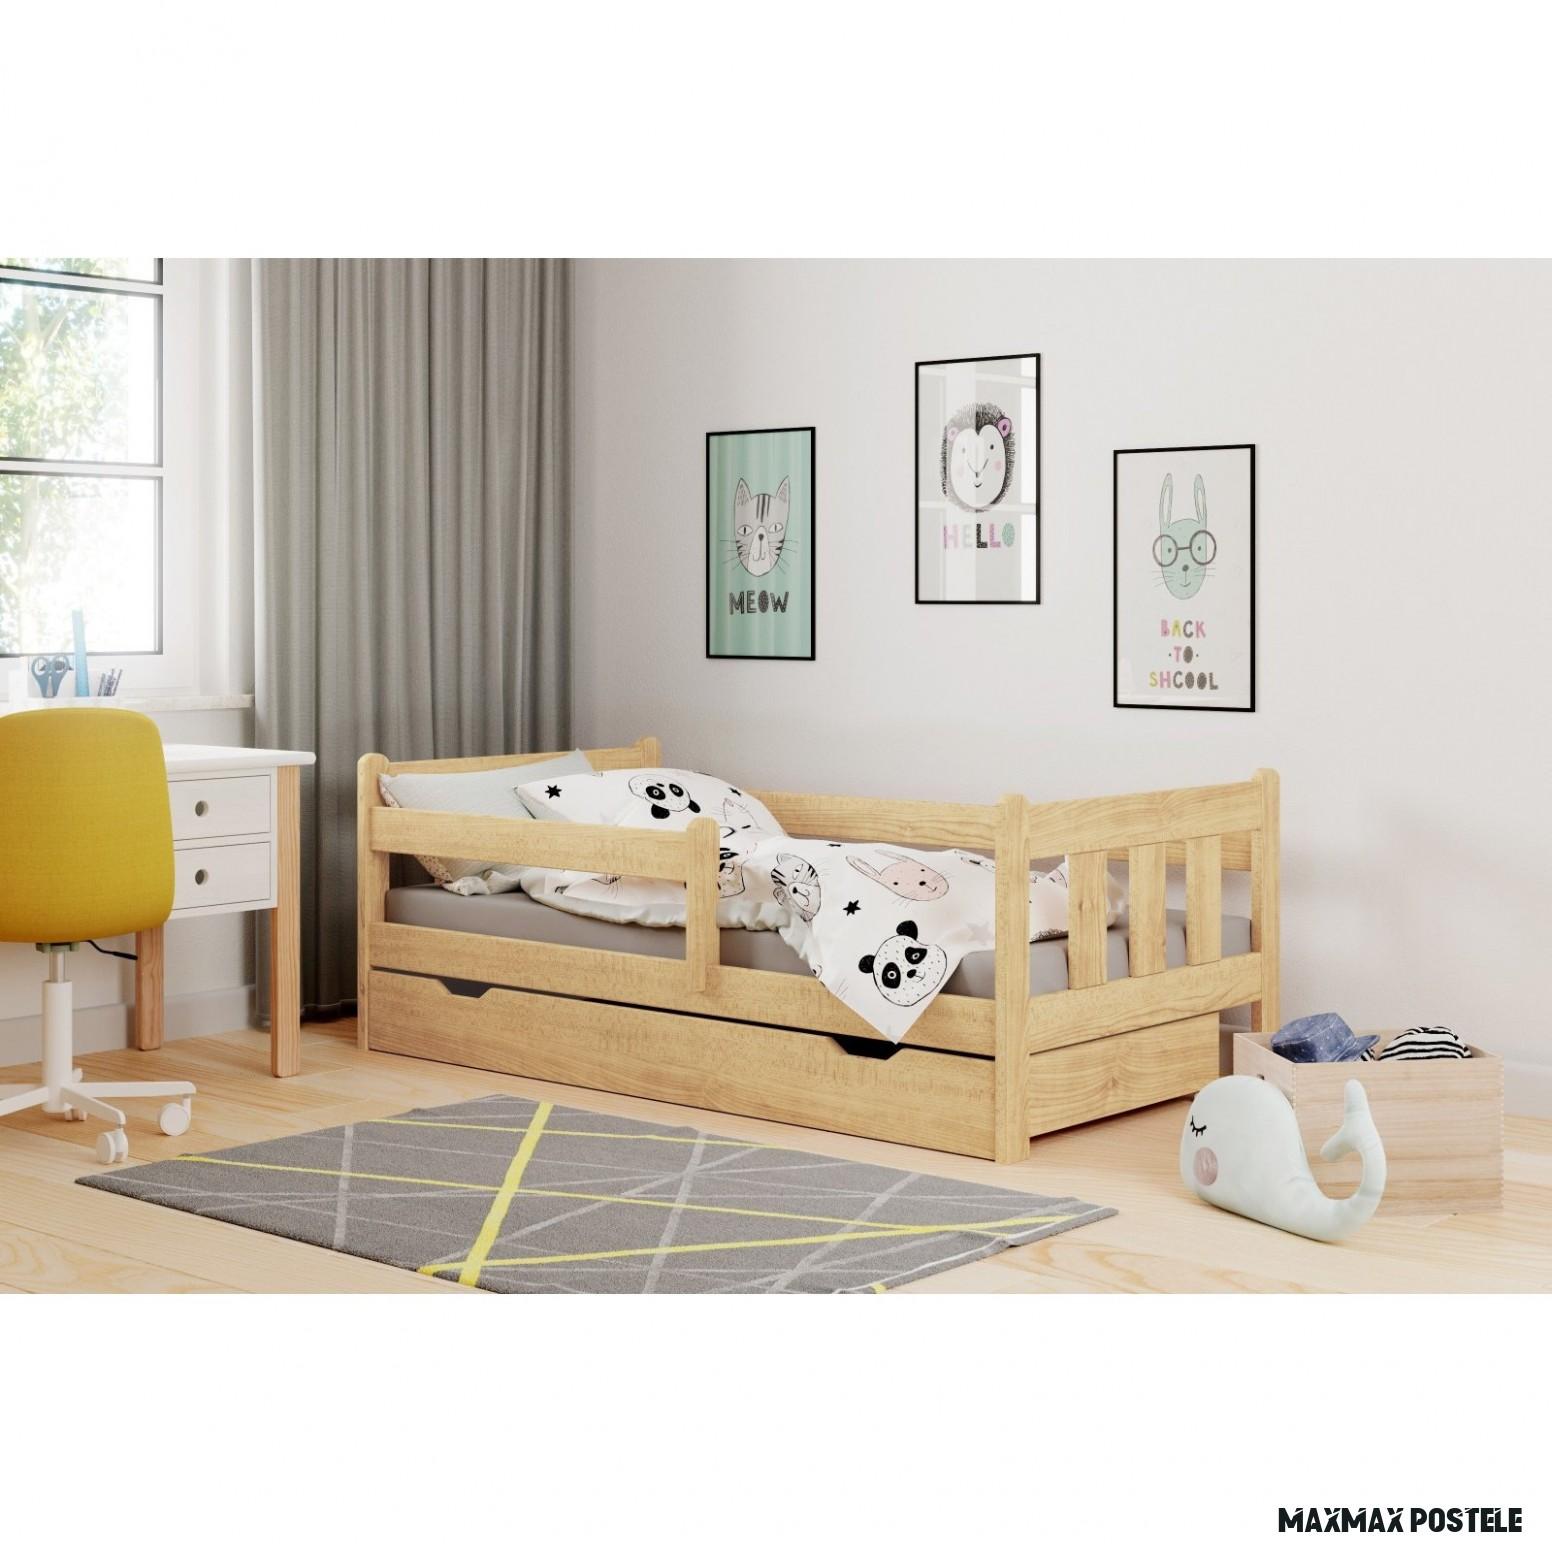 Dětská postel z masivu se šuplíky MARIE 18x18 cm - přírodní